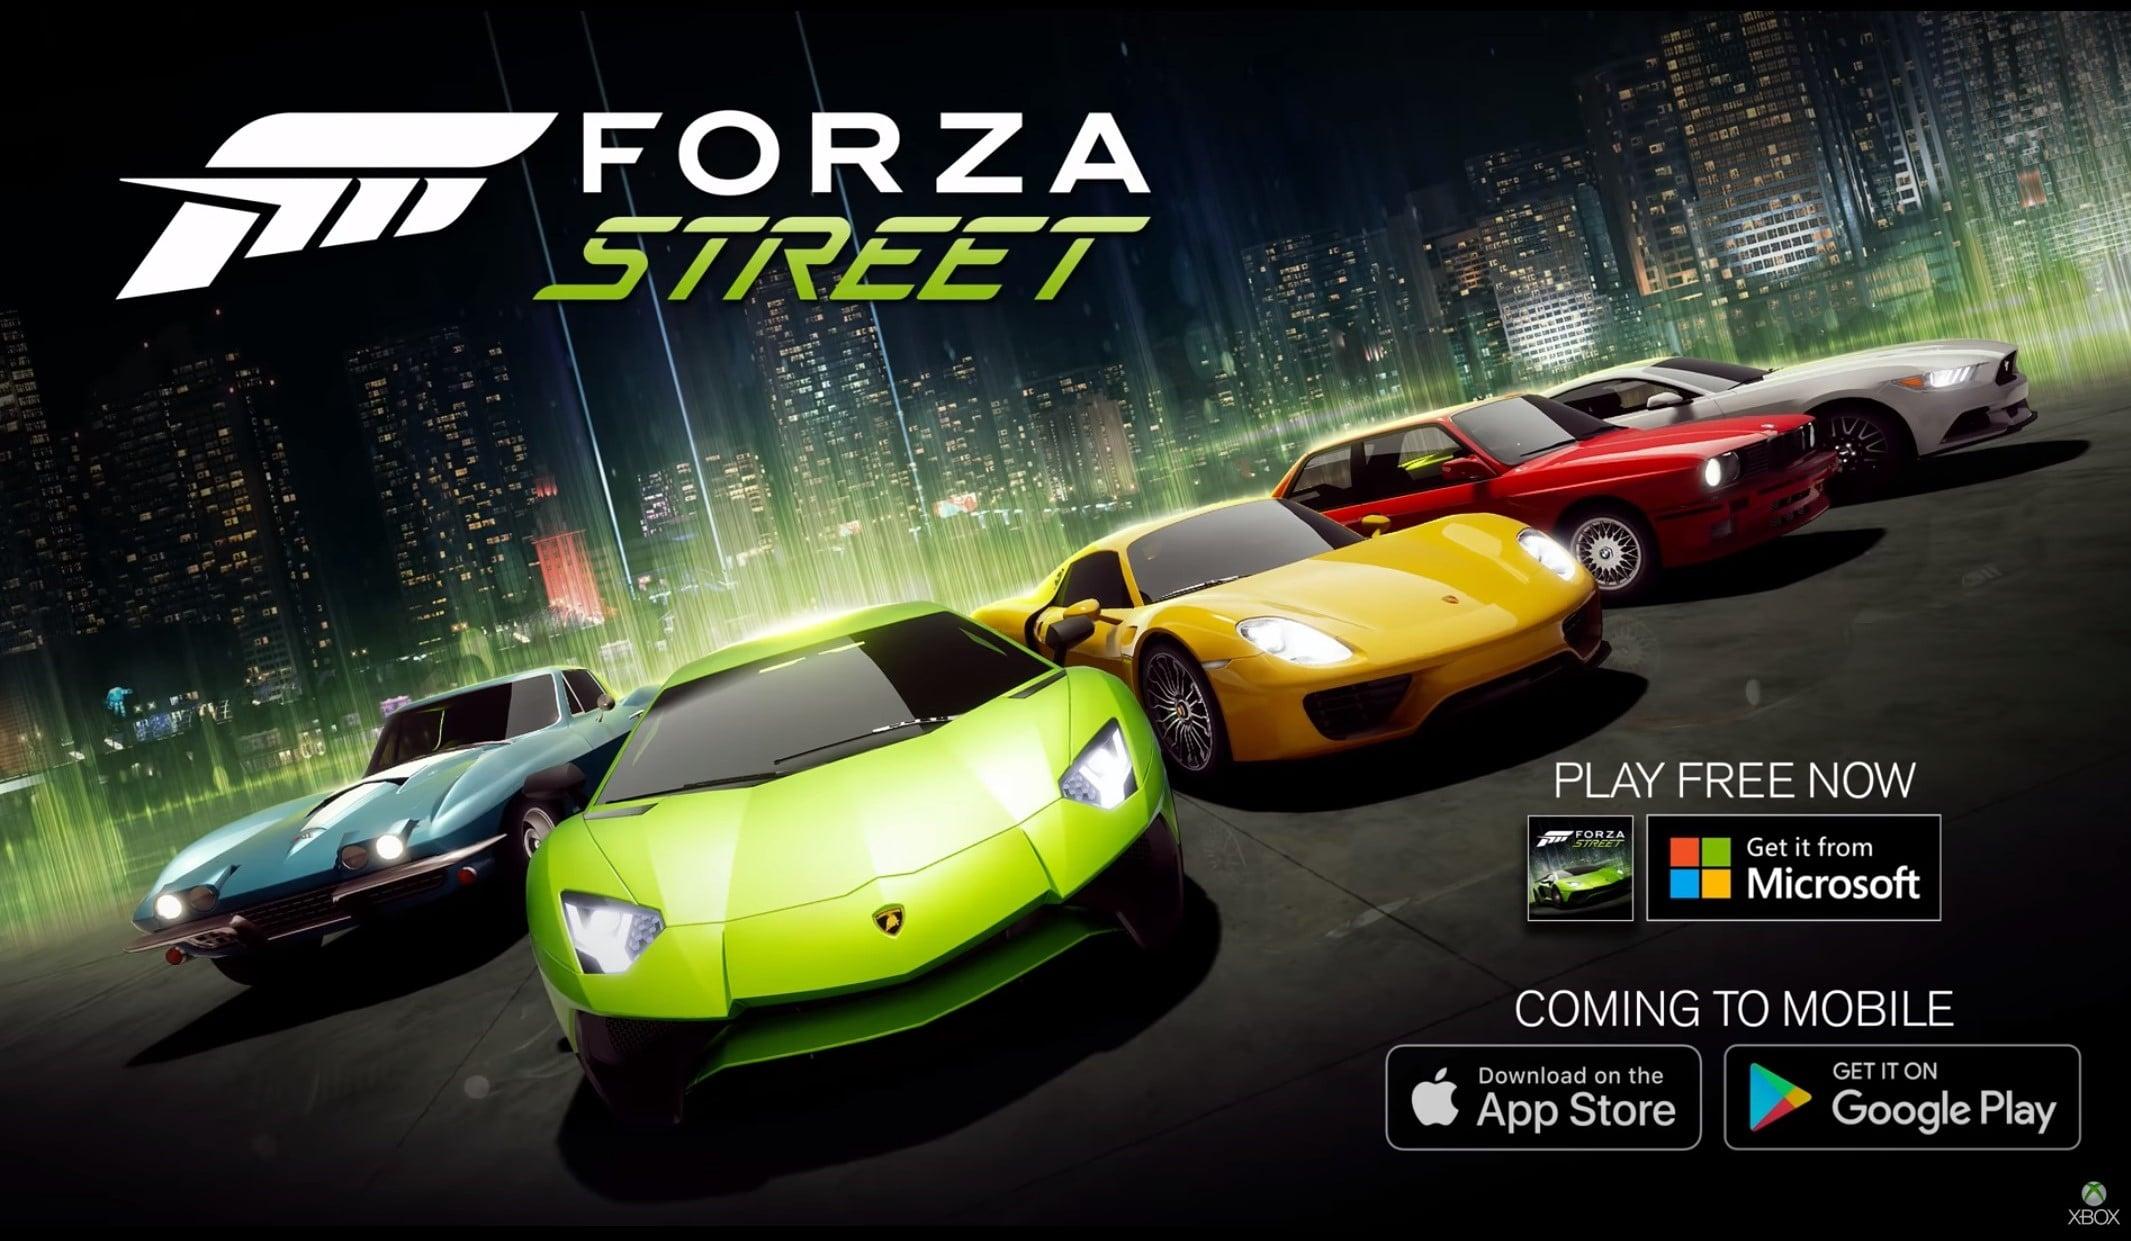 Samsung brata się z Xboksem. Pierwsza gra mobilna z serii Forza trafi najpierw na smartfony Galaxy 19